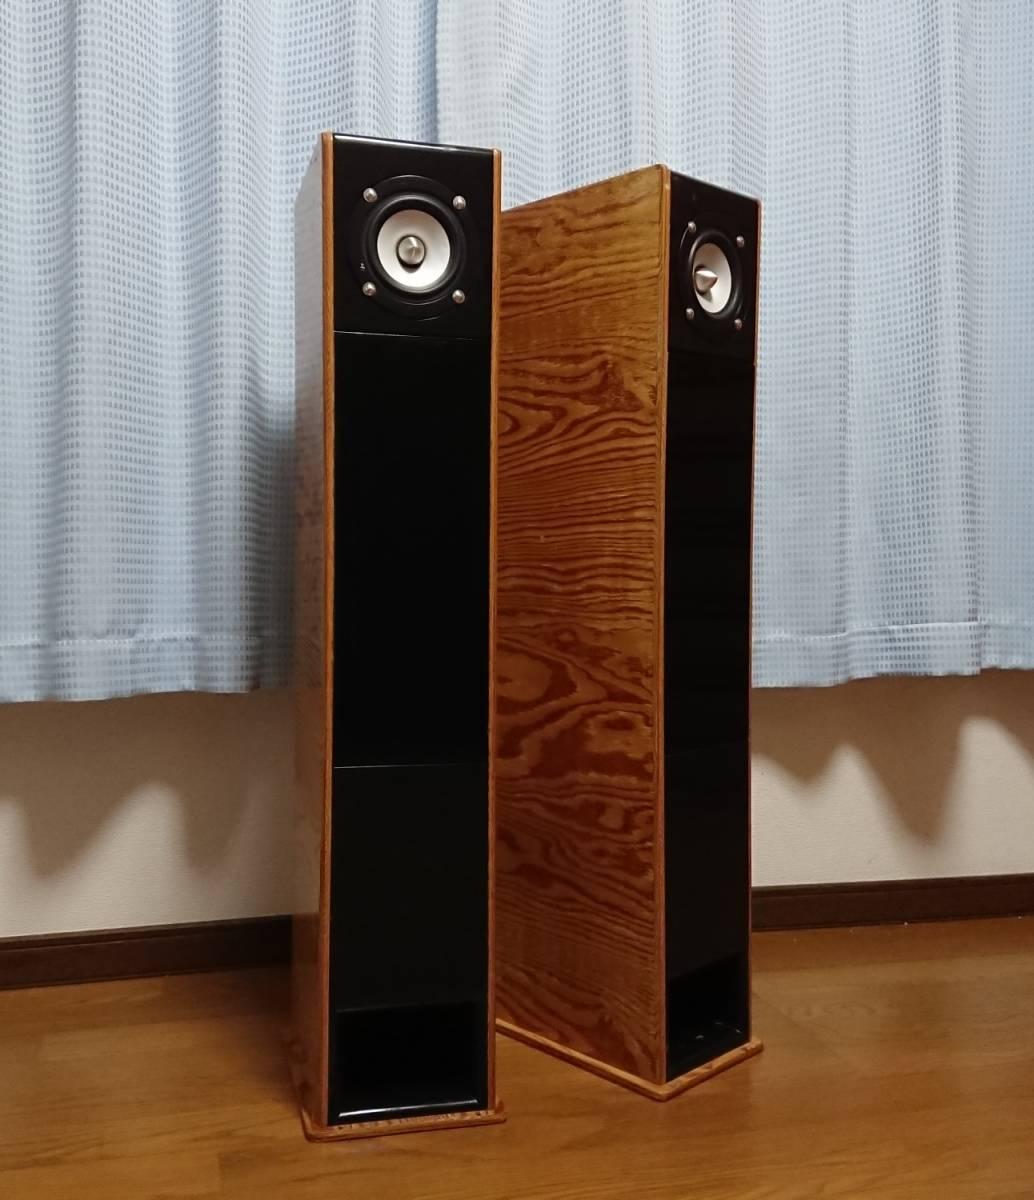 自作 TQWT 方式 TangBand W4-657SC 10cm フルレンジ スピーカー ペア 音出し確認済み_画像6